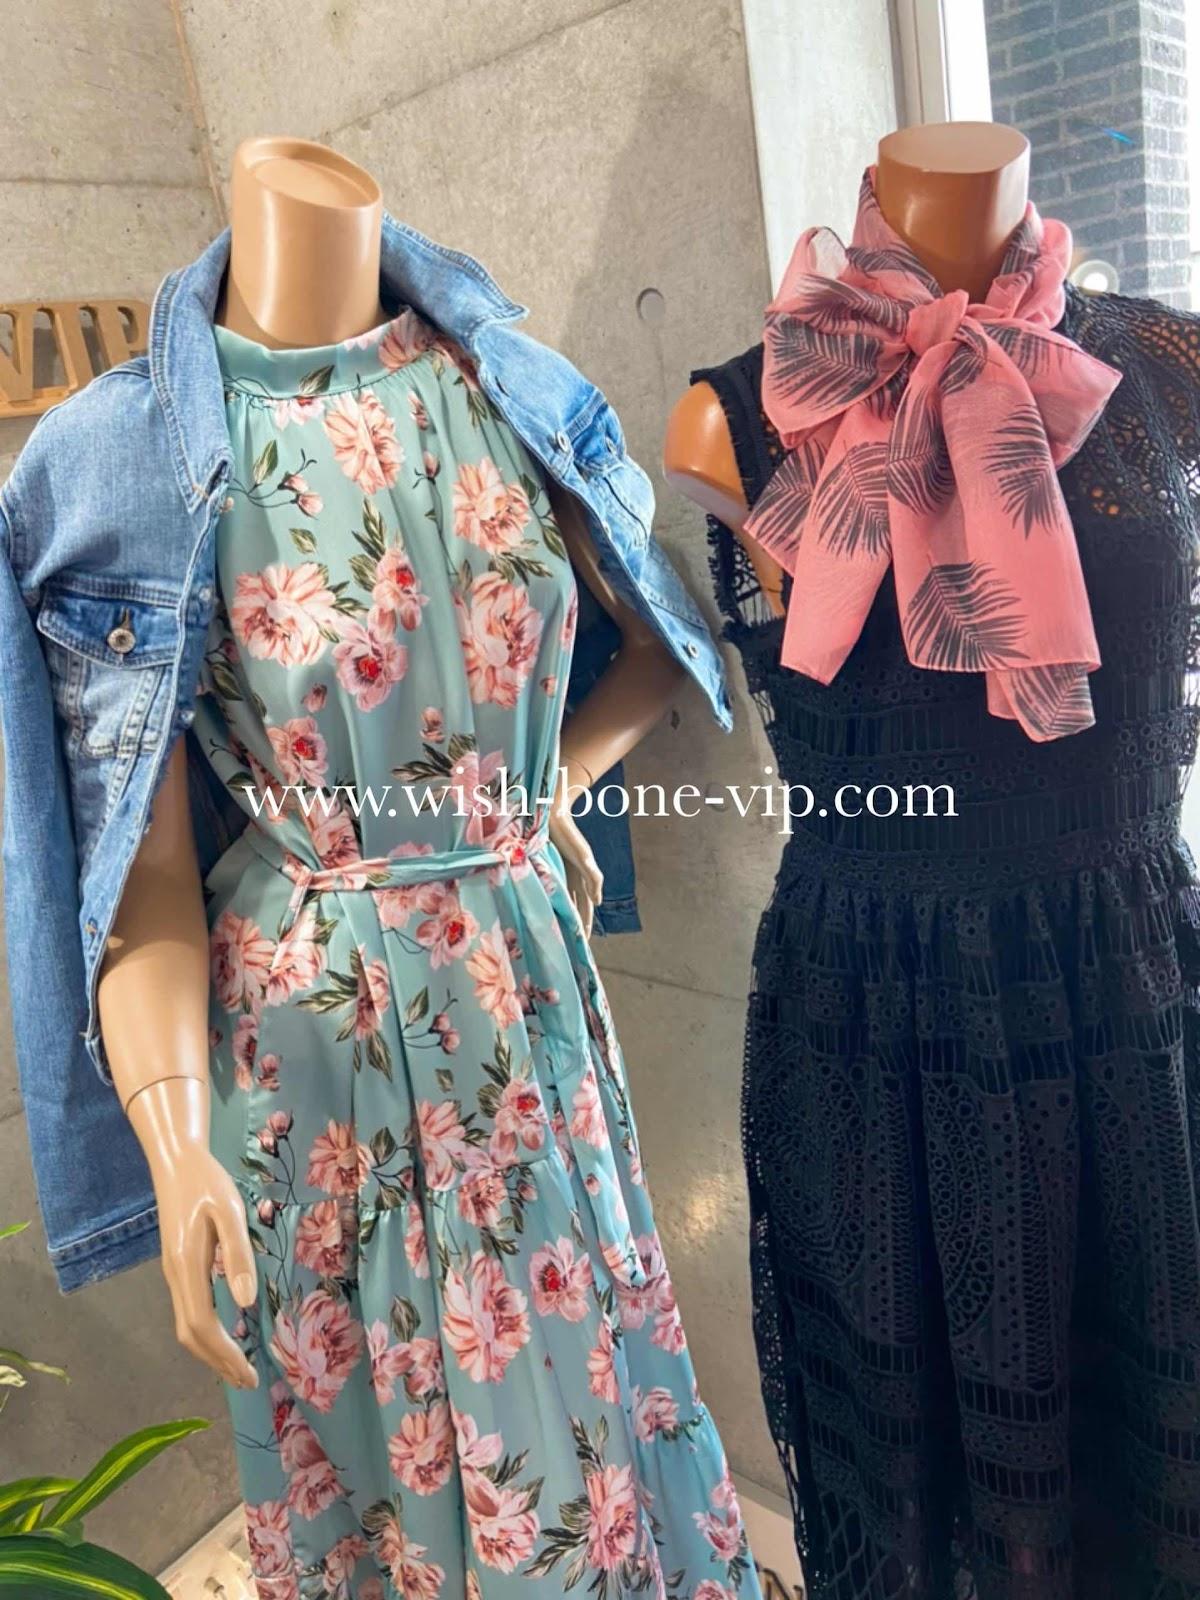 イタリアインポートマキシワンピースの通販/ヨーロッパのファッションを販売するセレクトショップ大阪難波Wish Bone VIPコーデブログです